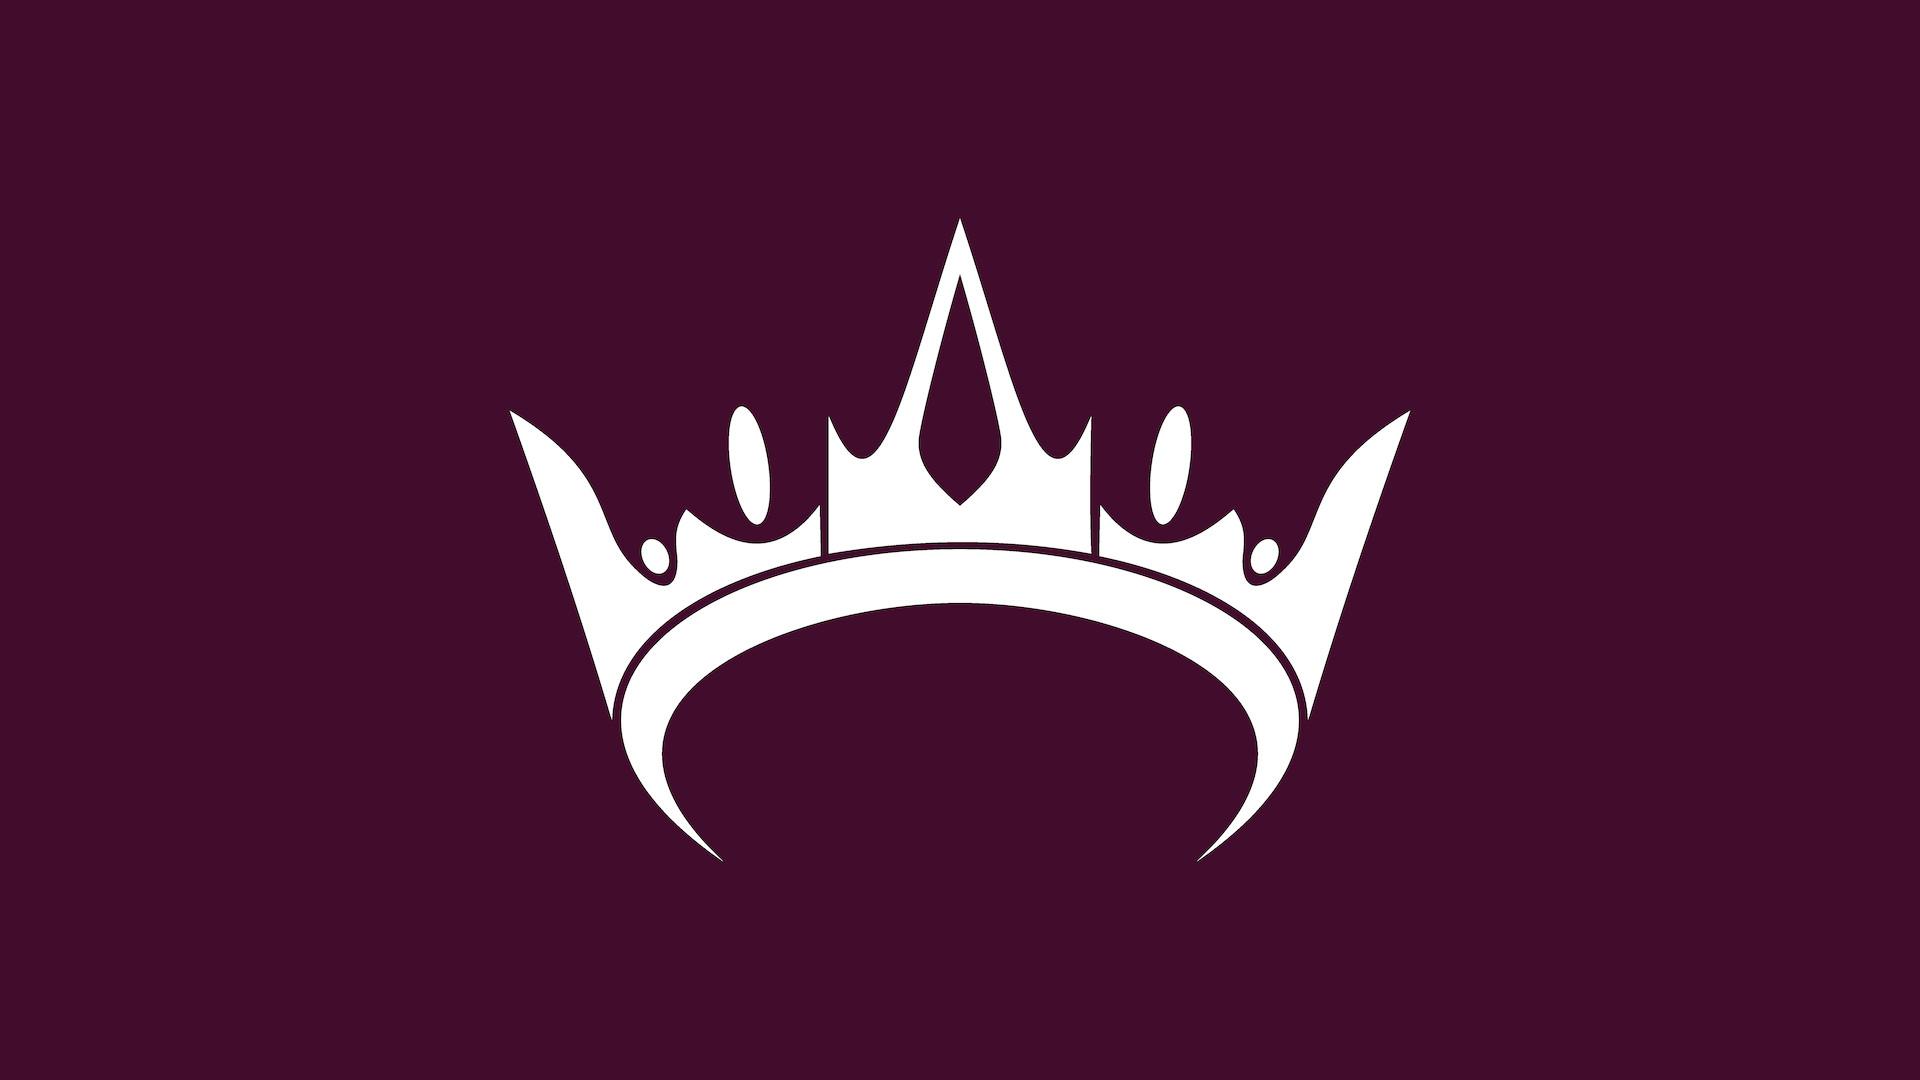 Res: 1920x1080, Glynda's Emblem